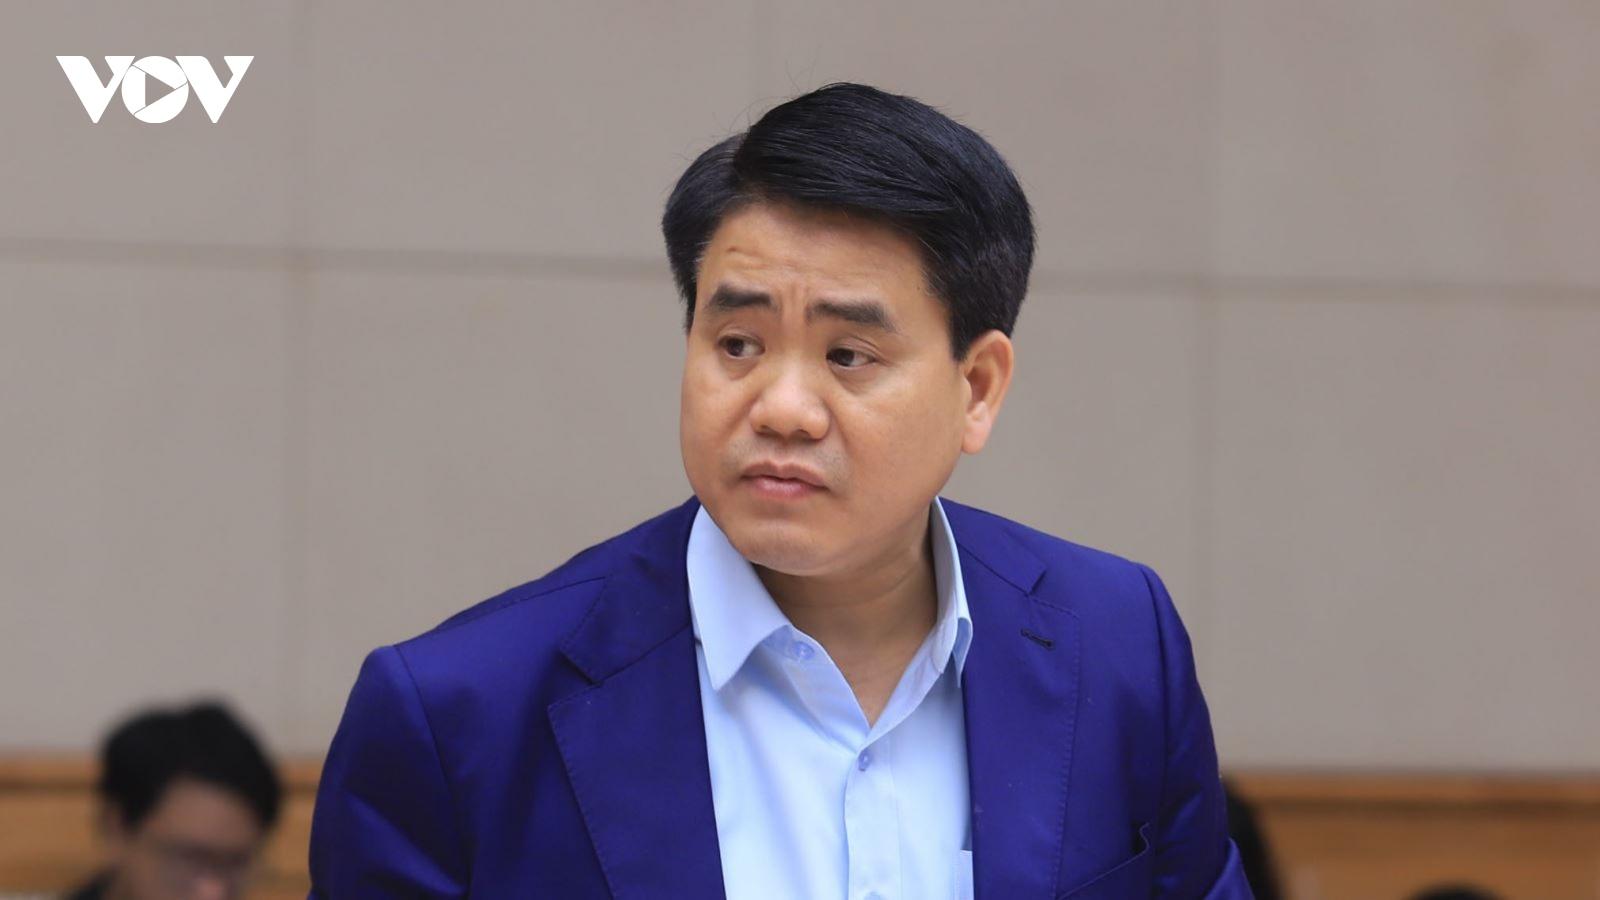 Nóng 24h: Ông Nguyễn Đức Chung bị truy tố với khung hình phạt 10-15 năm tù